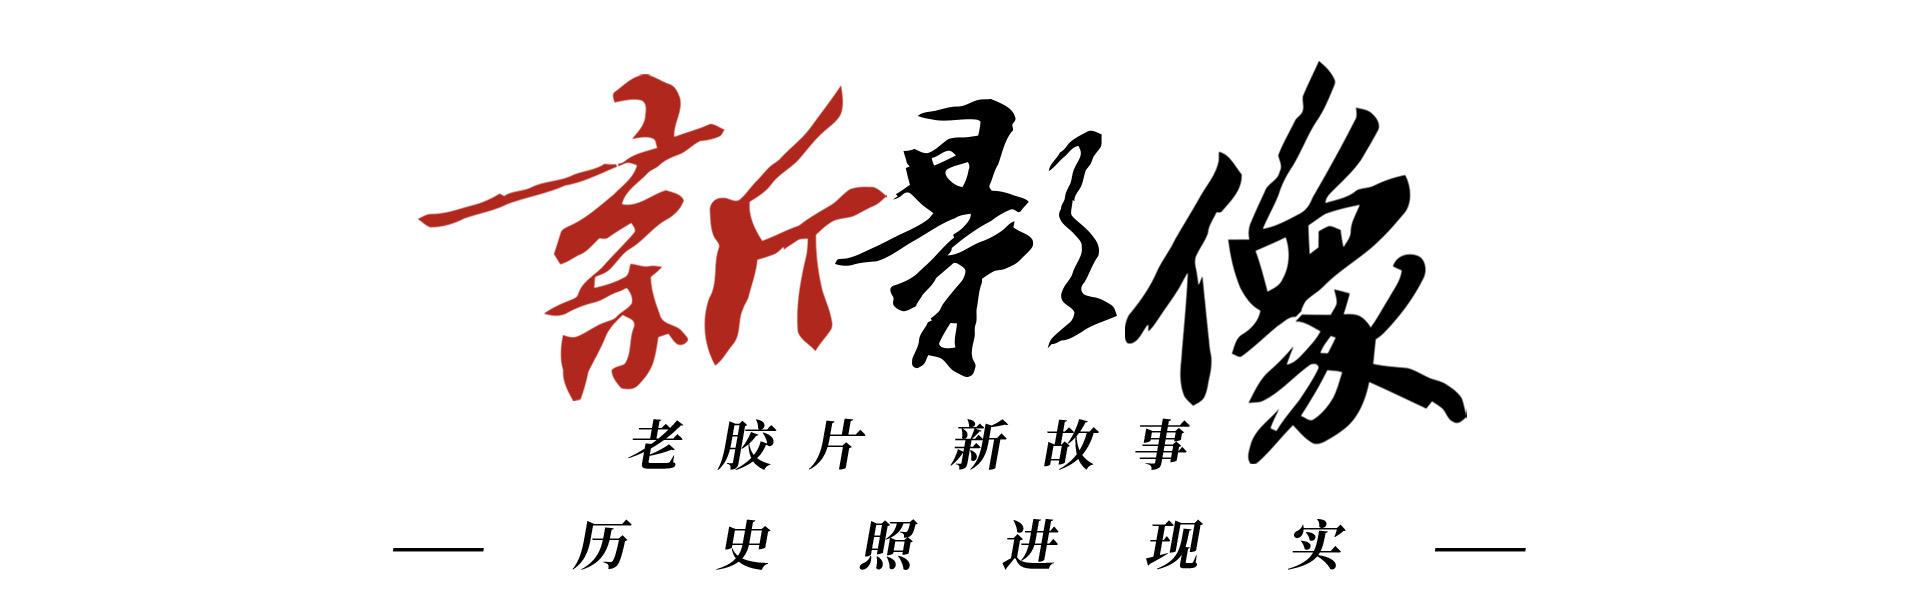 排名优化公司_新影像丨71年前的今天 新中国第一个劳动节是怎么过的?插图